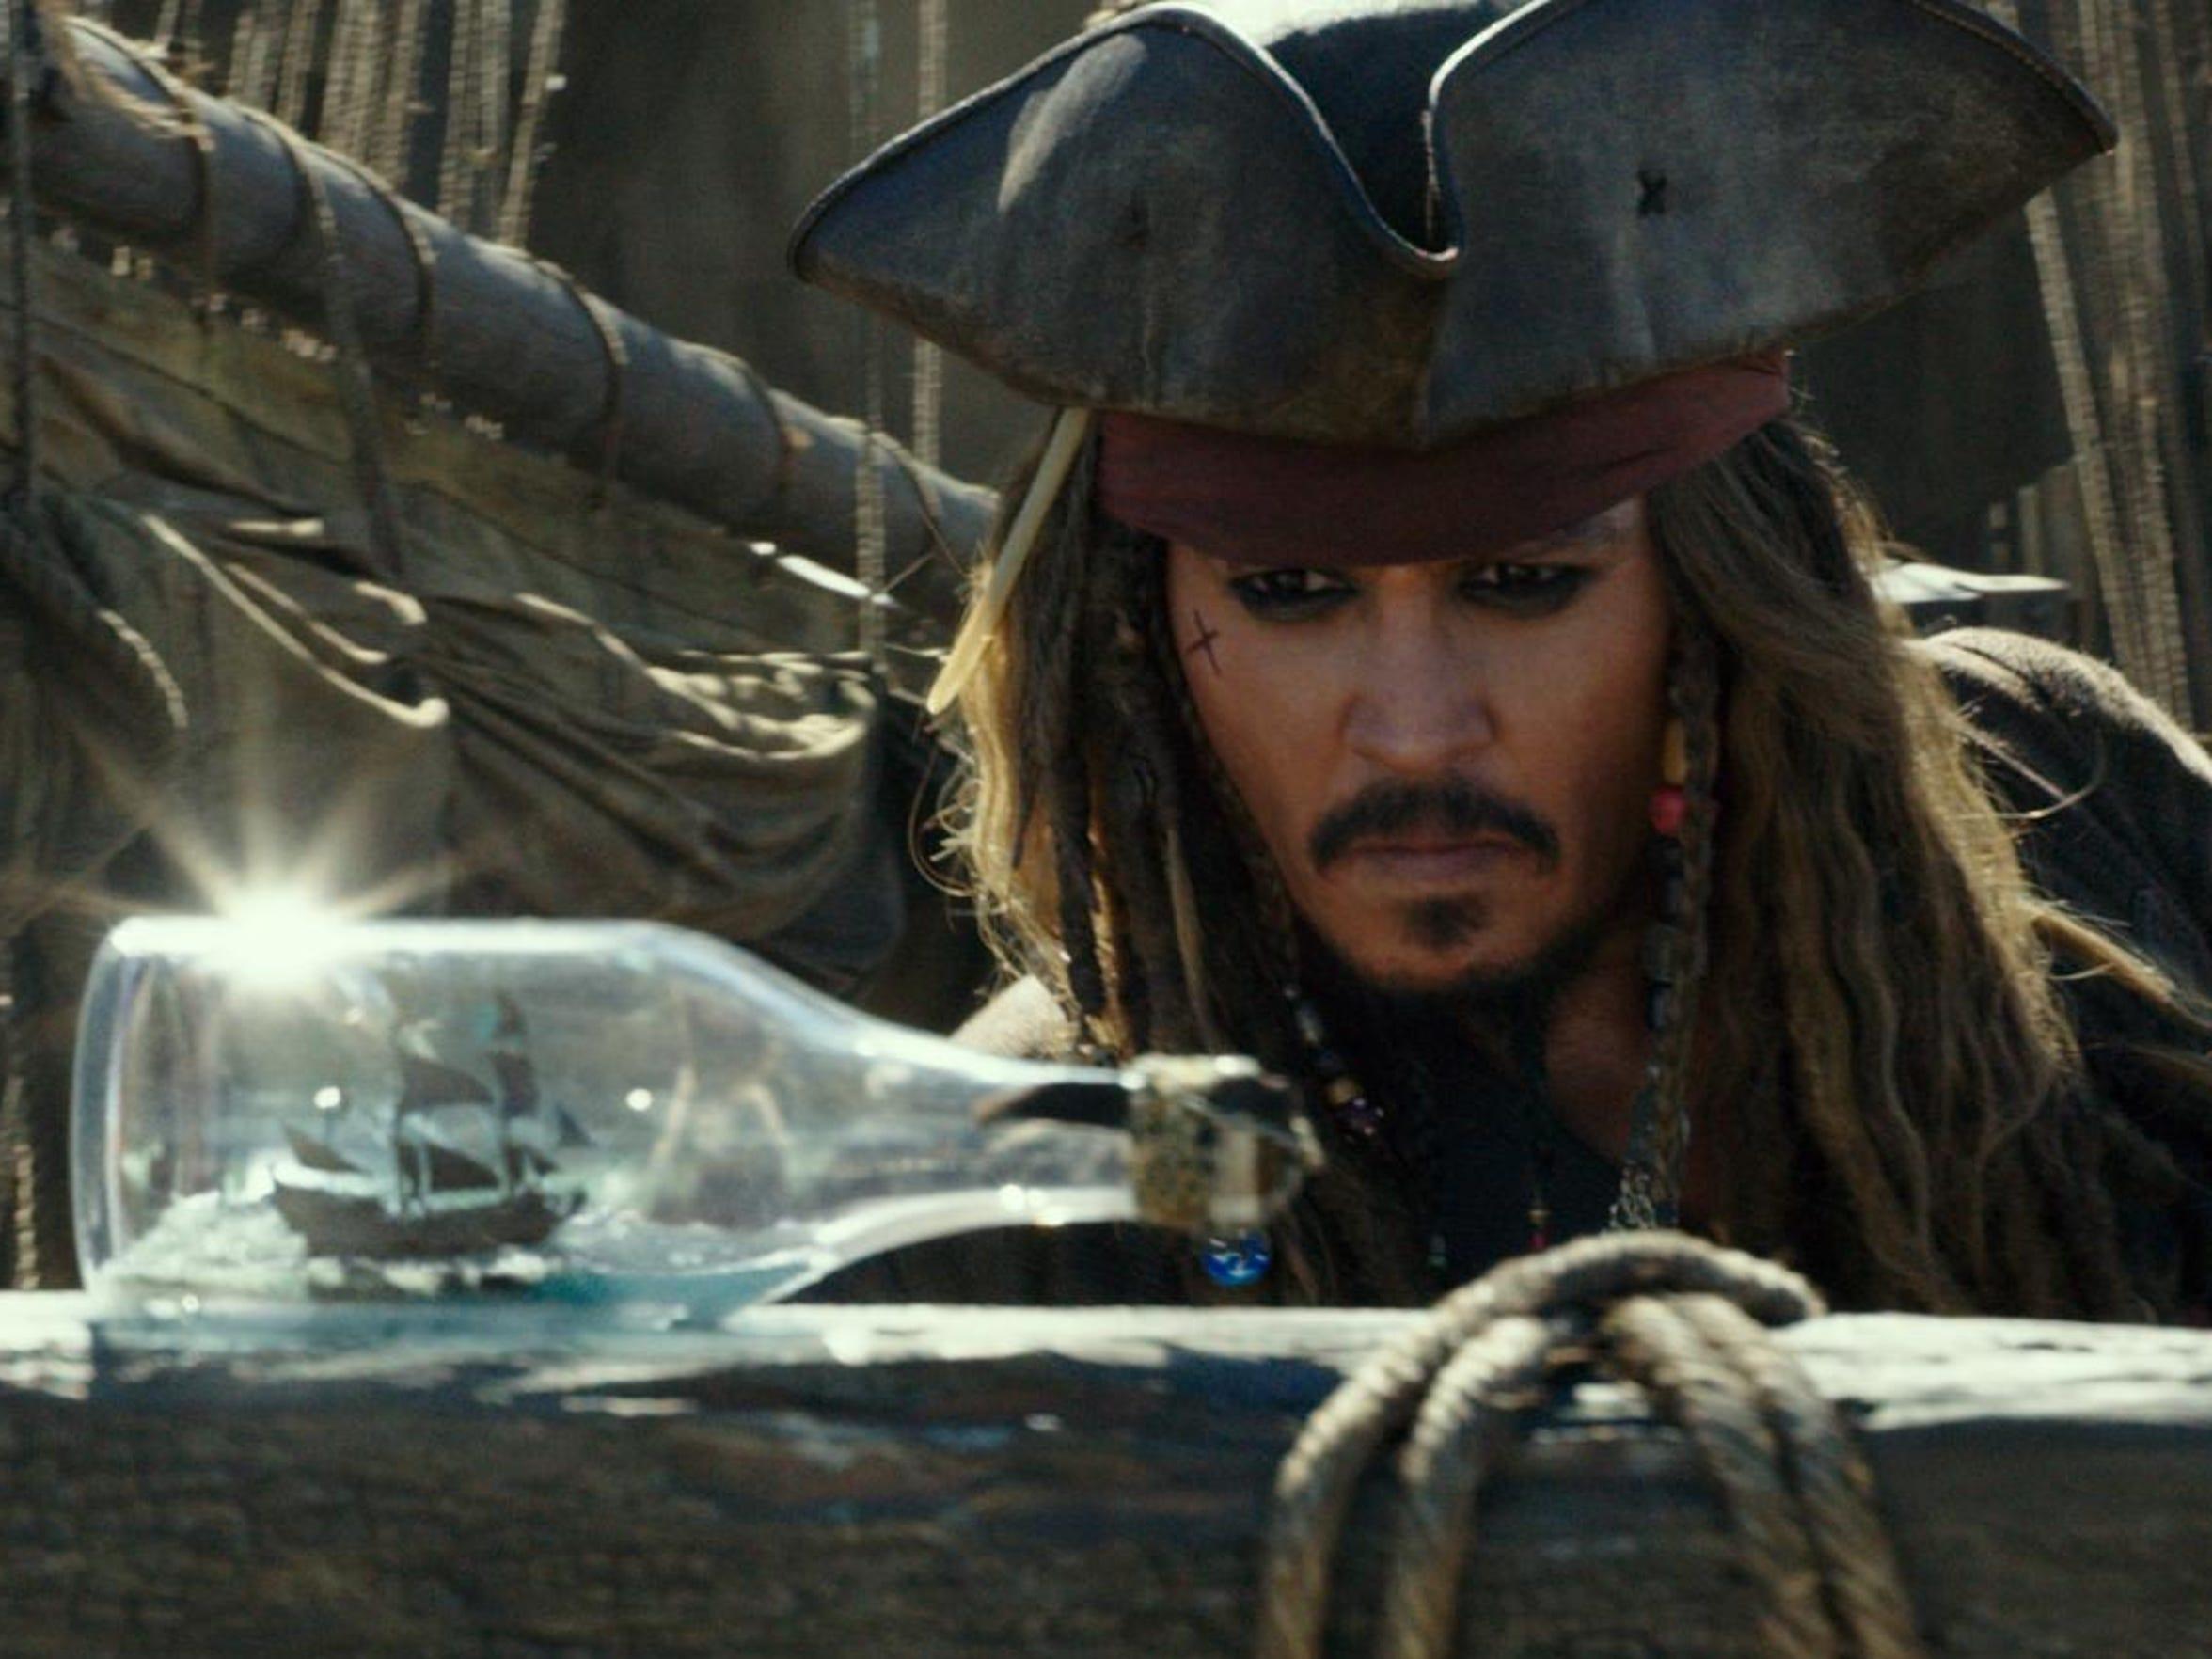 El reinicio de Piratas del Caribe-posdata-digital-press